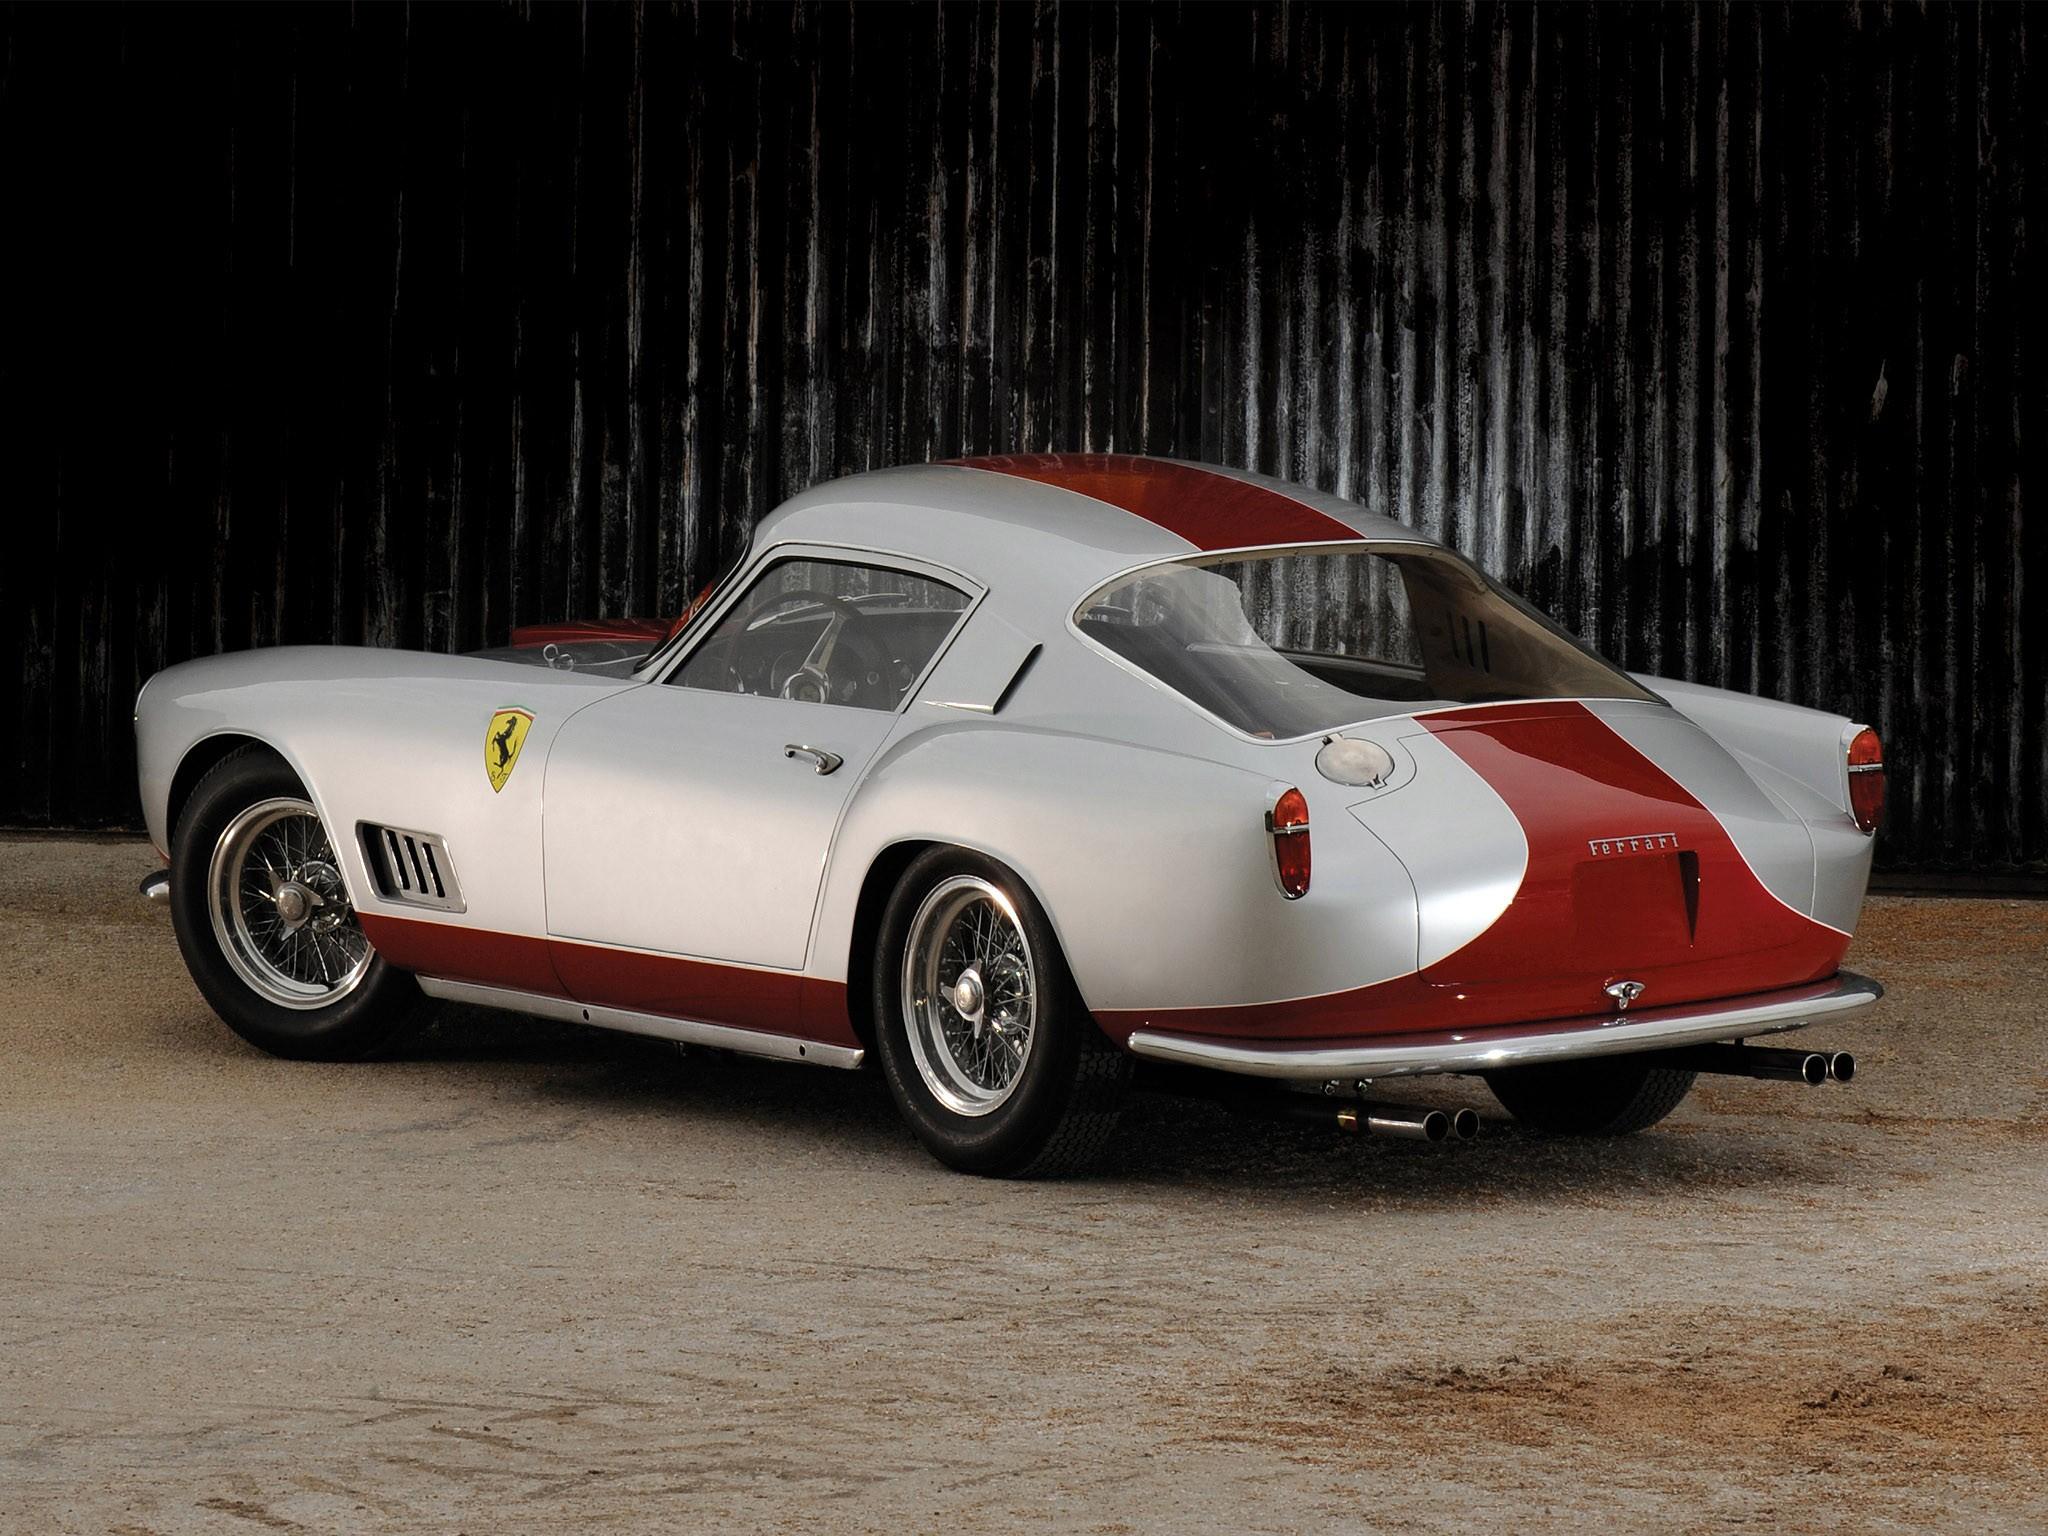 Ferrari 250 GT Tour de France photo car